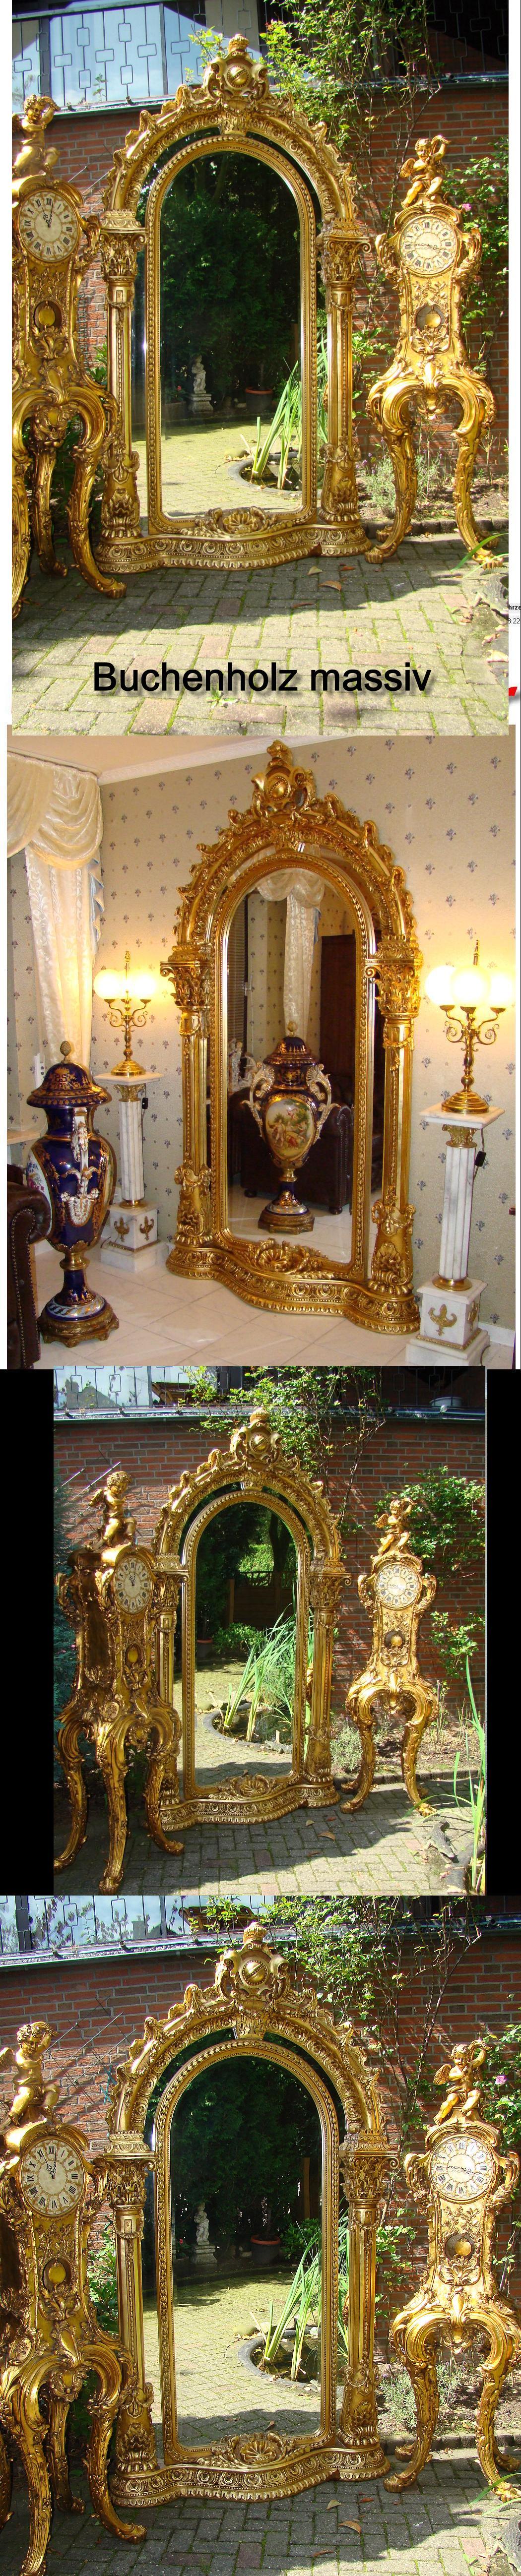 Spiegel salon im louis seize stil massiv holz 248x136 ebay - Spiegel salon ...